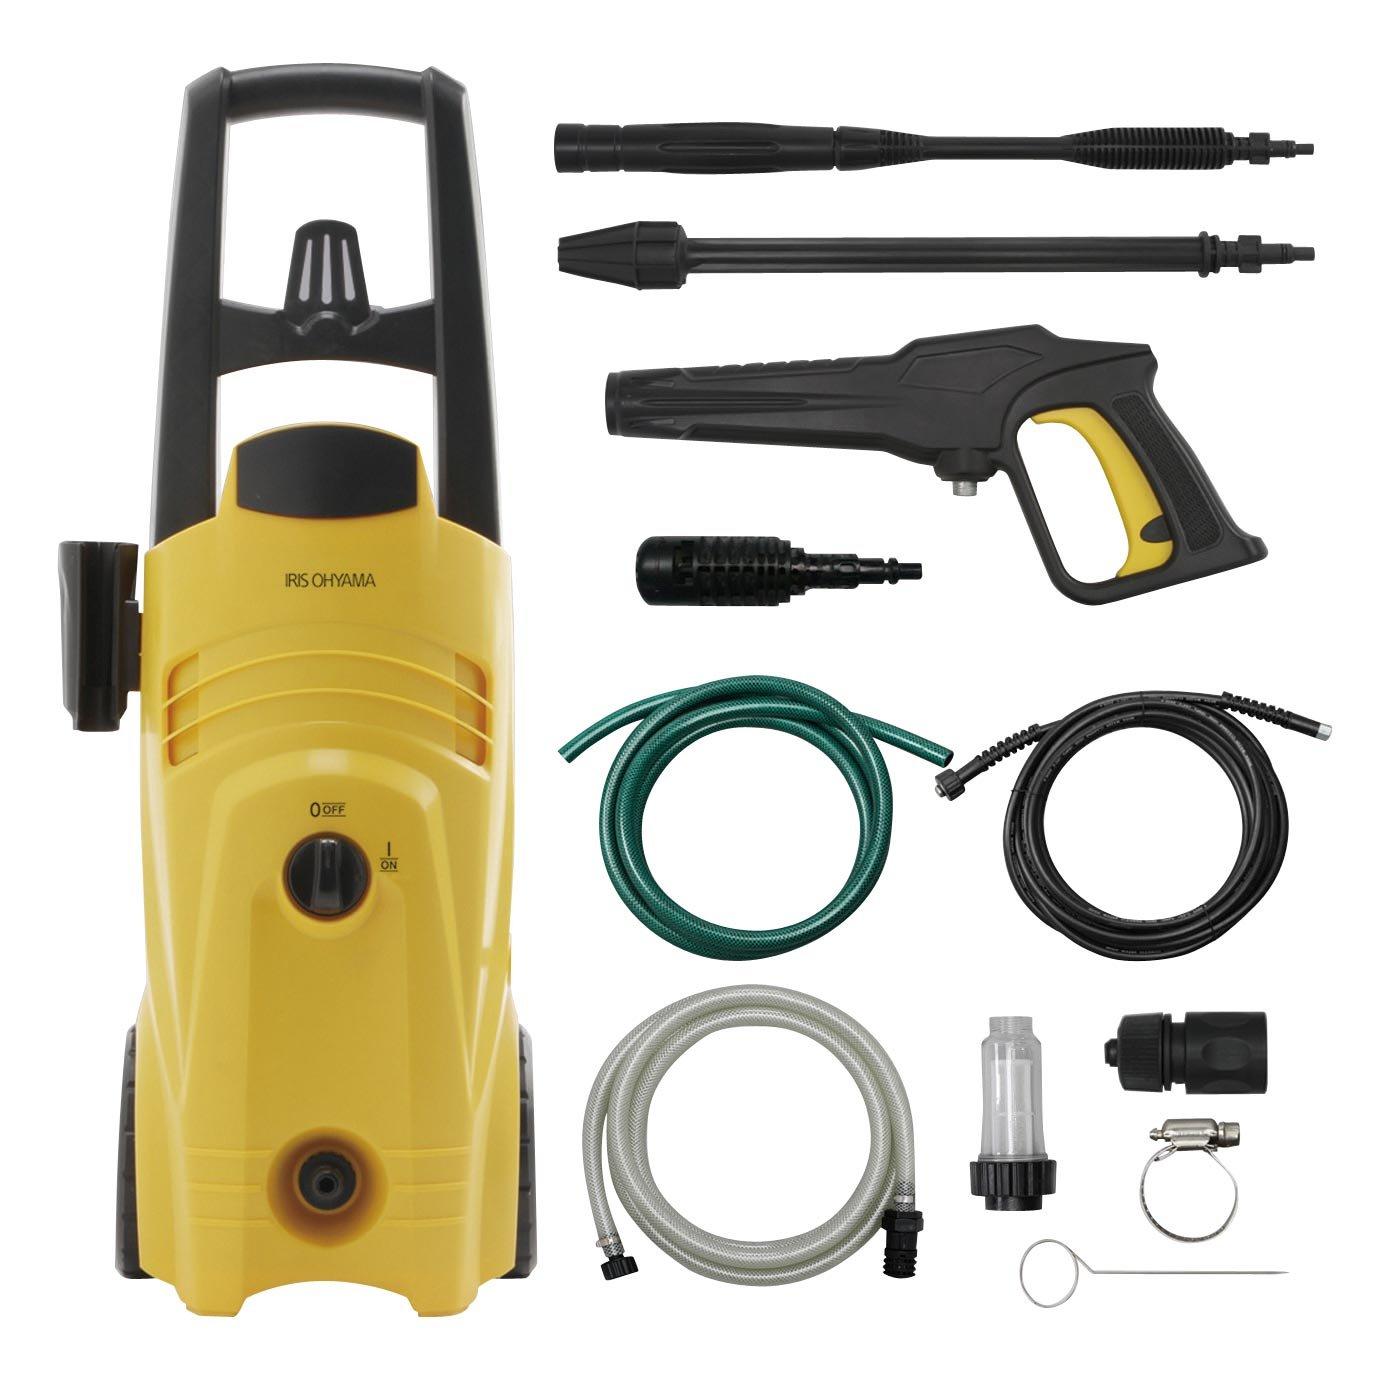 アイリスオーヤマ 高圧洗浄機 FIN-801E・W(W西日本地区用)